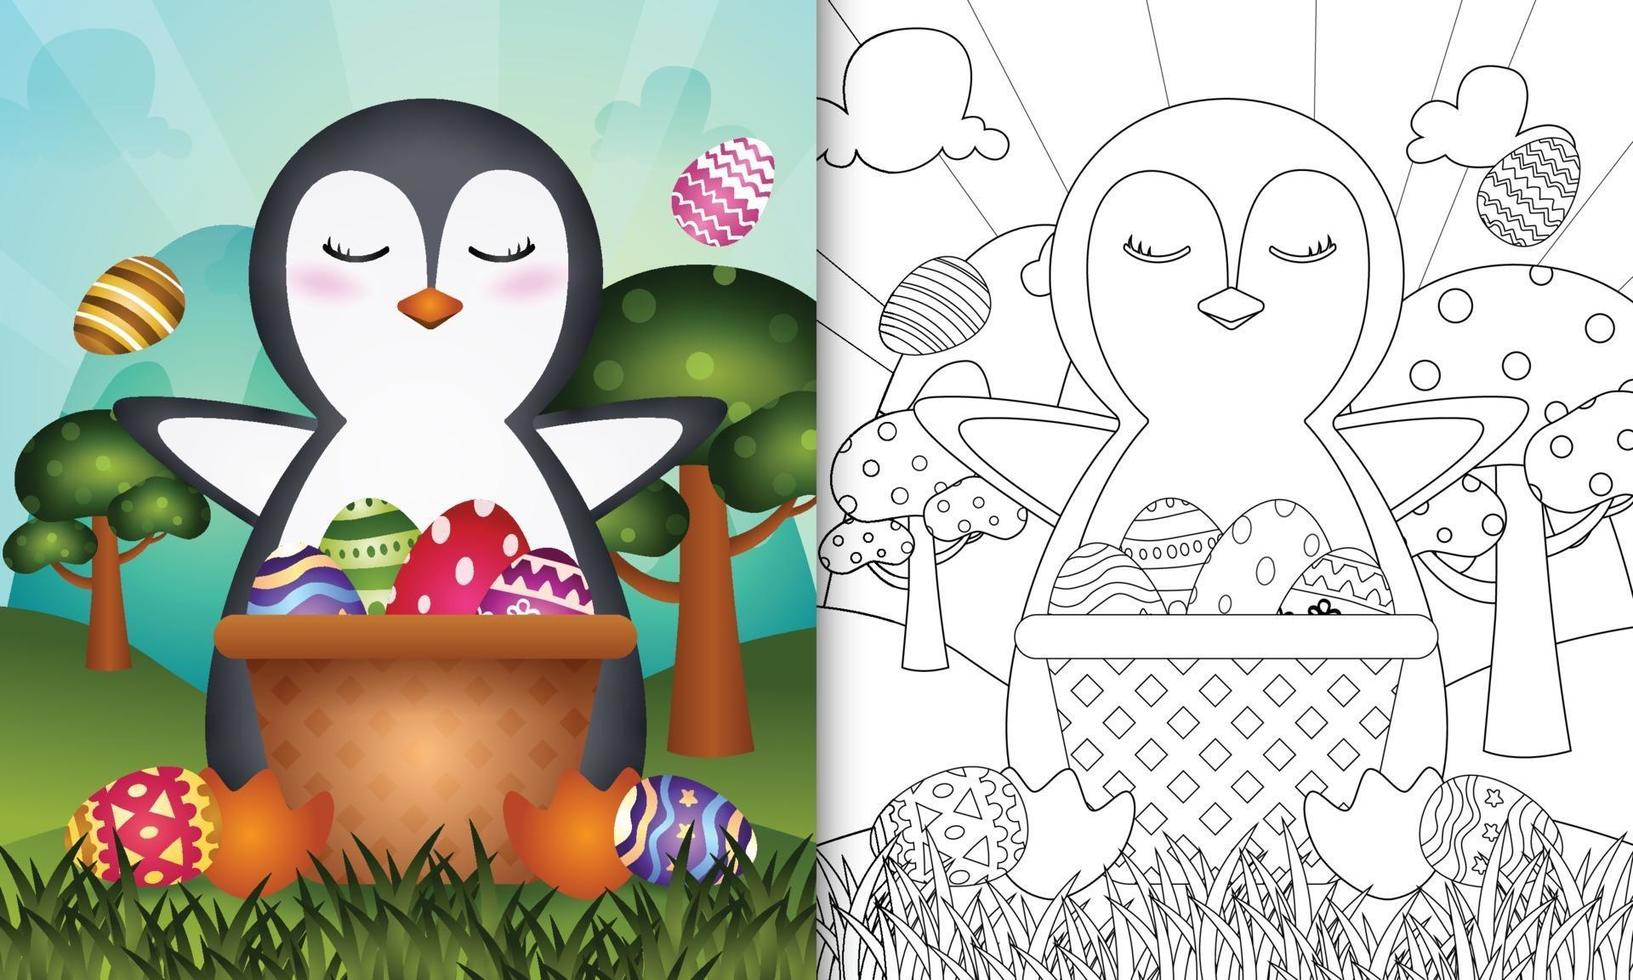 livro de colorir para crianças com tema feliz dia de Páscoa com ilustração de um pinguim fofo no ovo balde vetor